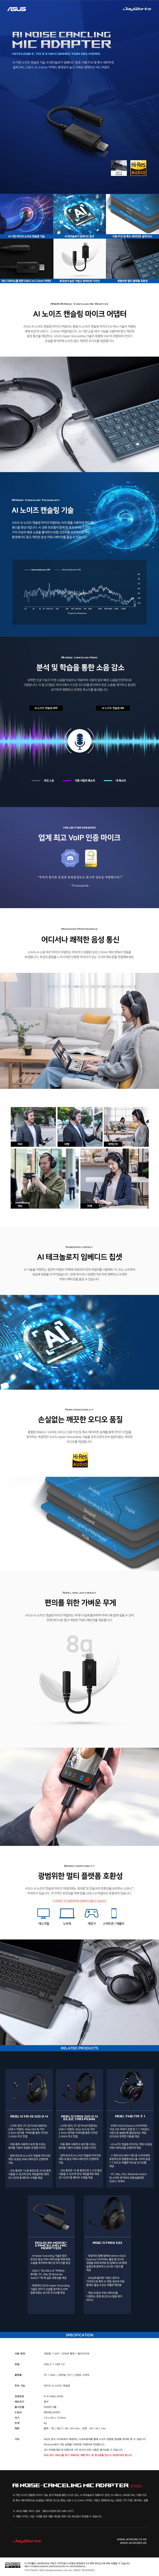 ASUS AI 노이즈캔슬링 마이크 어뎁터 (정품)